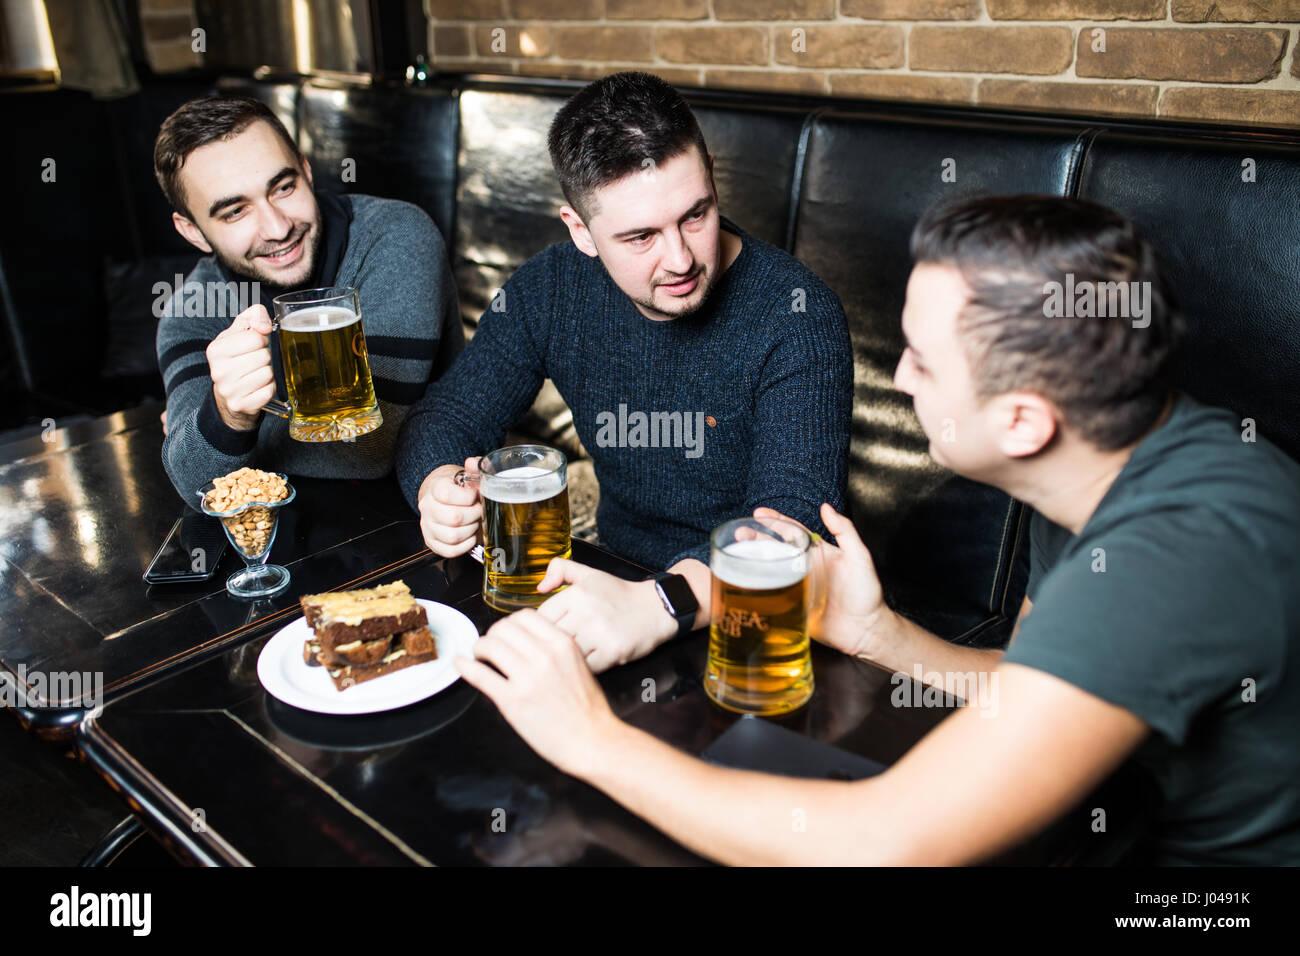 Drei glückliche junge Männer in lässig zu tragen, reden und trinken Bier während der Sitzung Stockbild